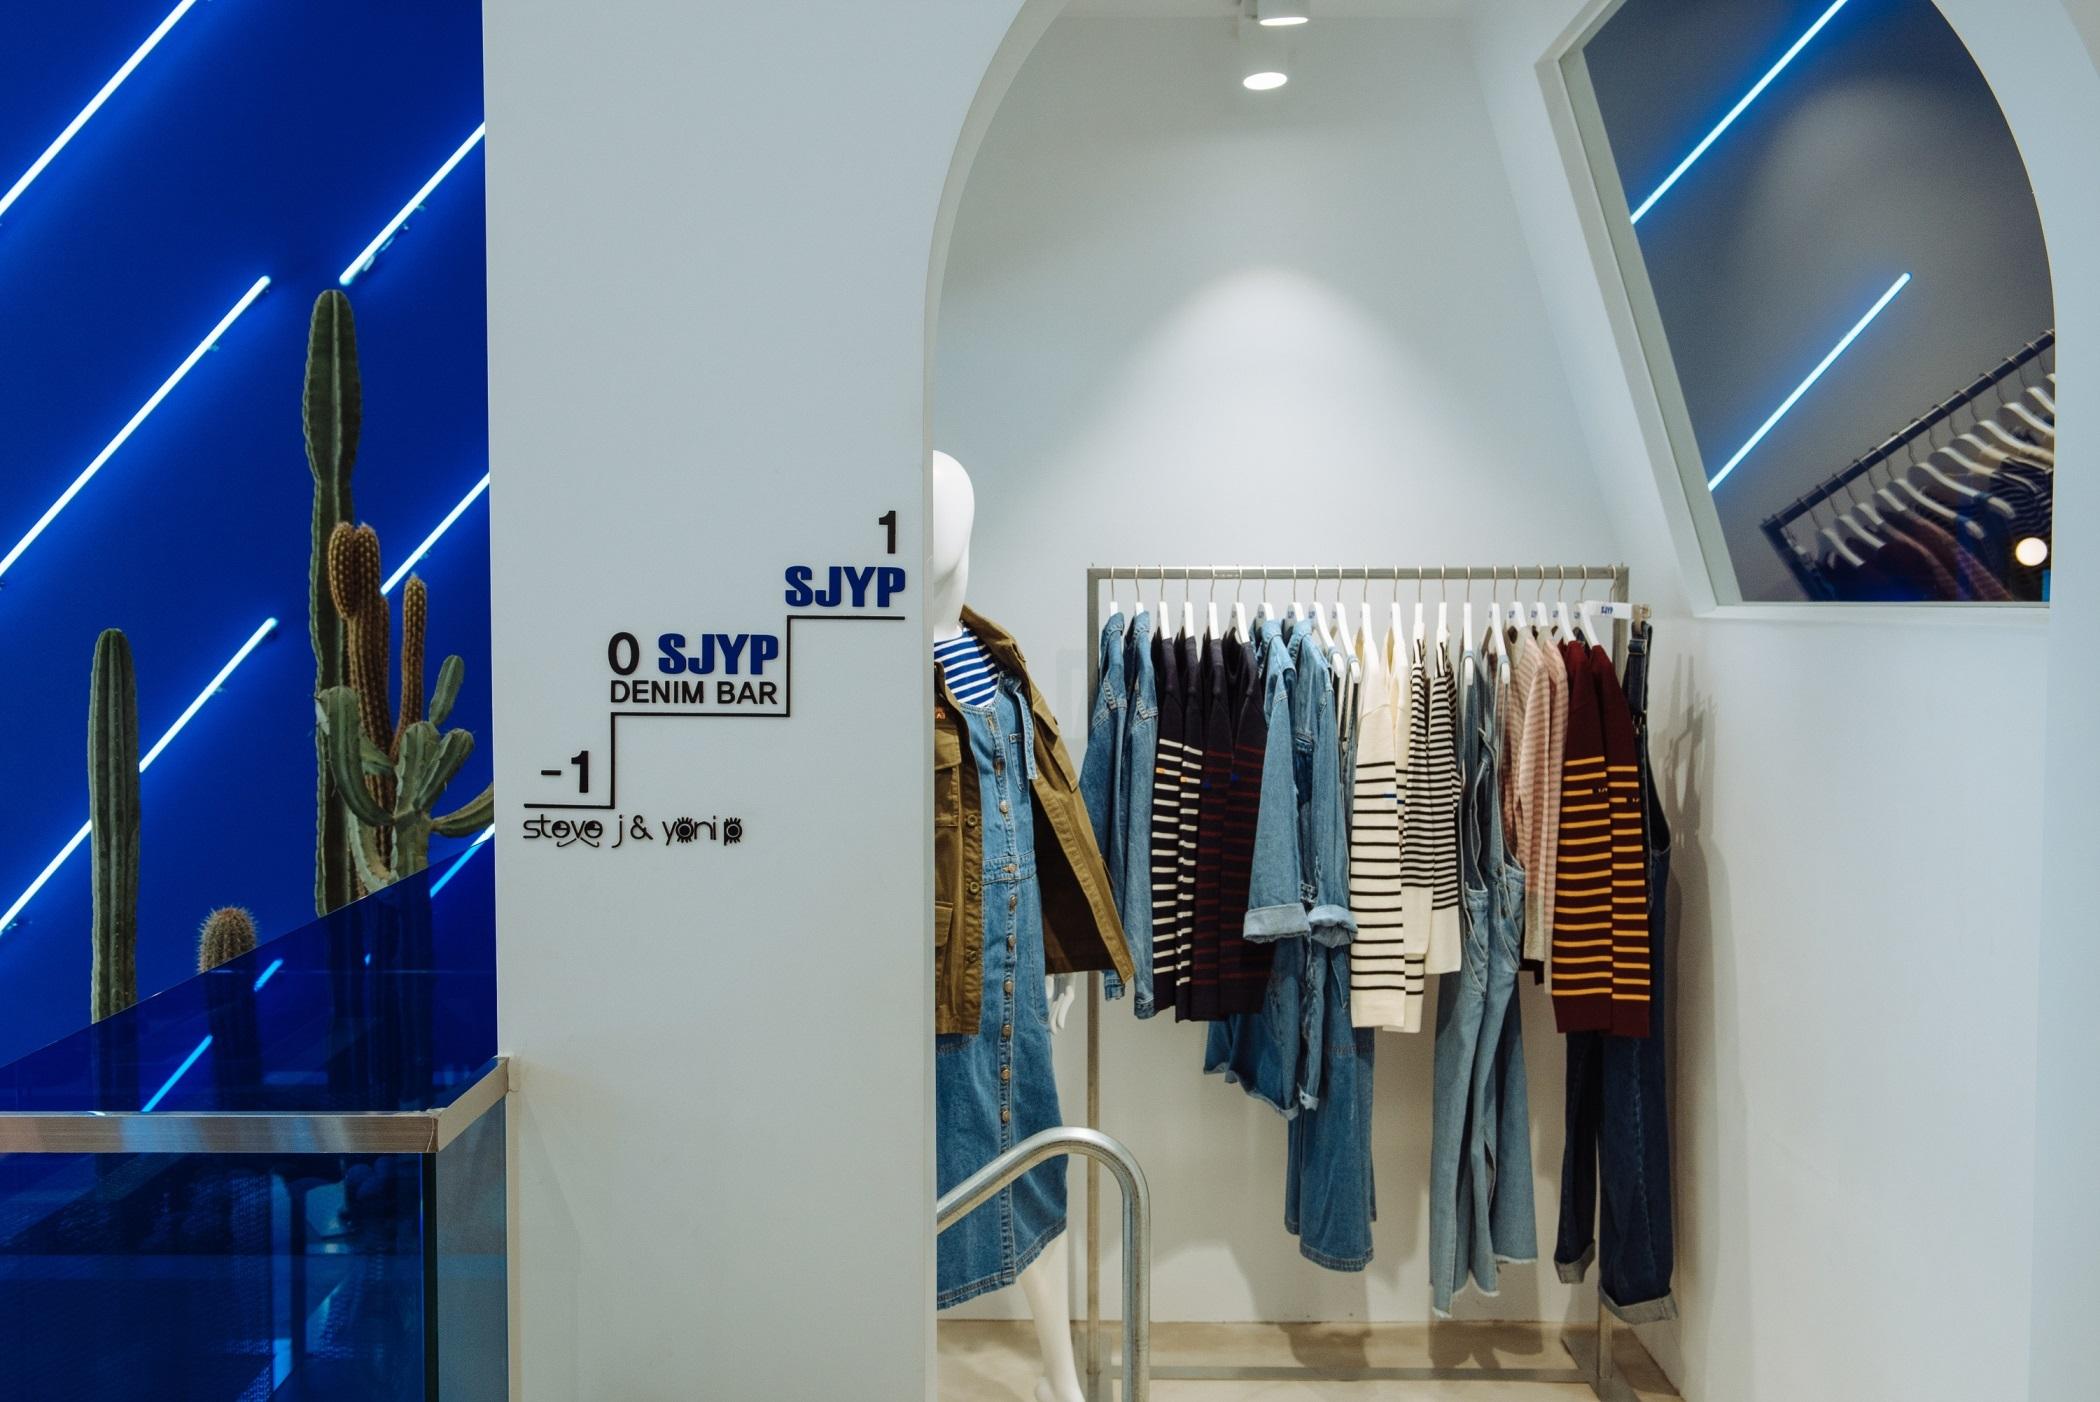 Steve J & Yoni P Flagship Store